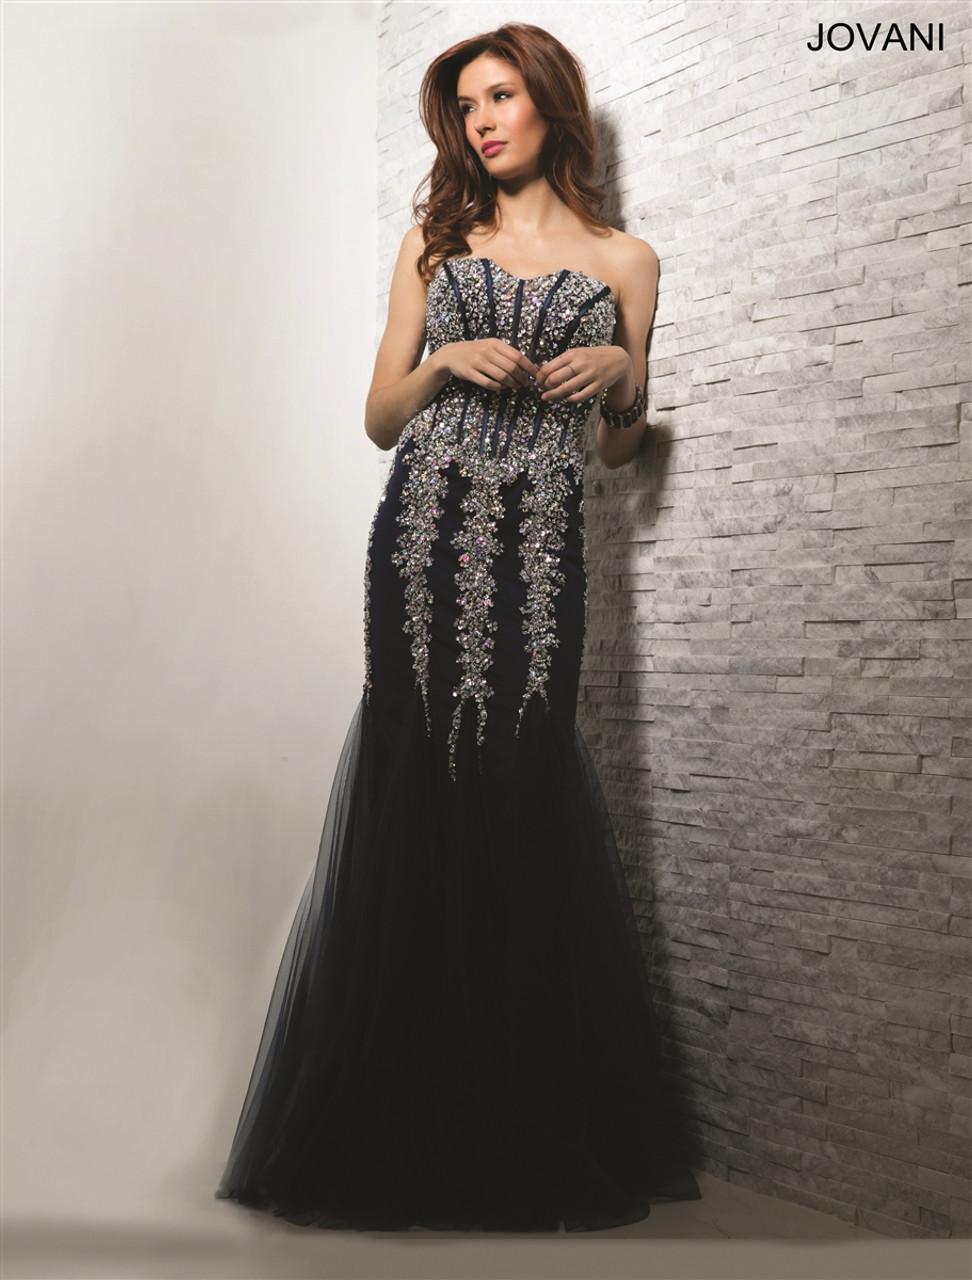 cadb22aa3124 Jovani 5908 - Strapless long dress